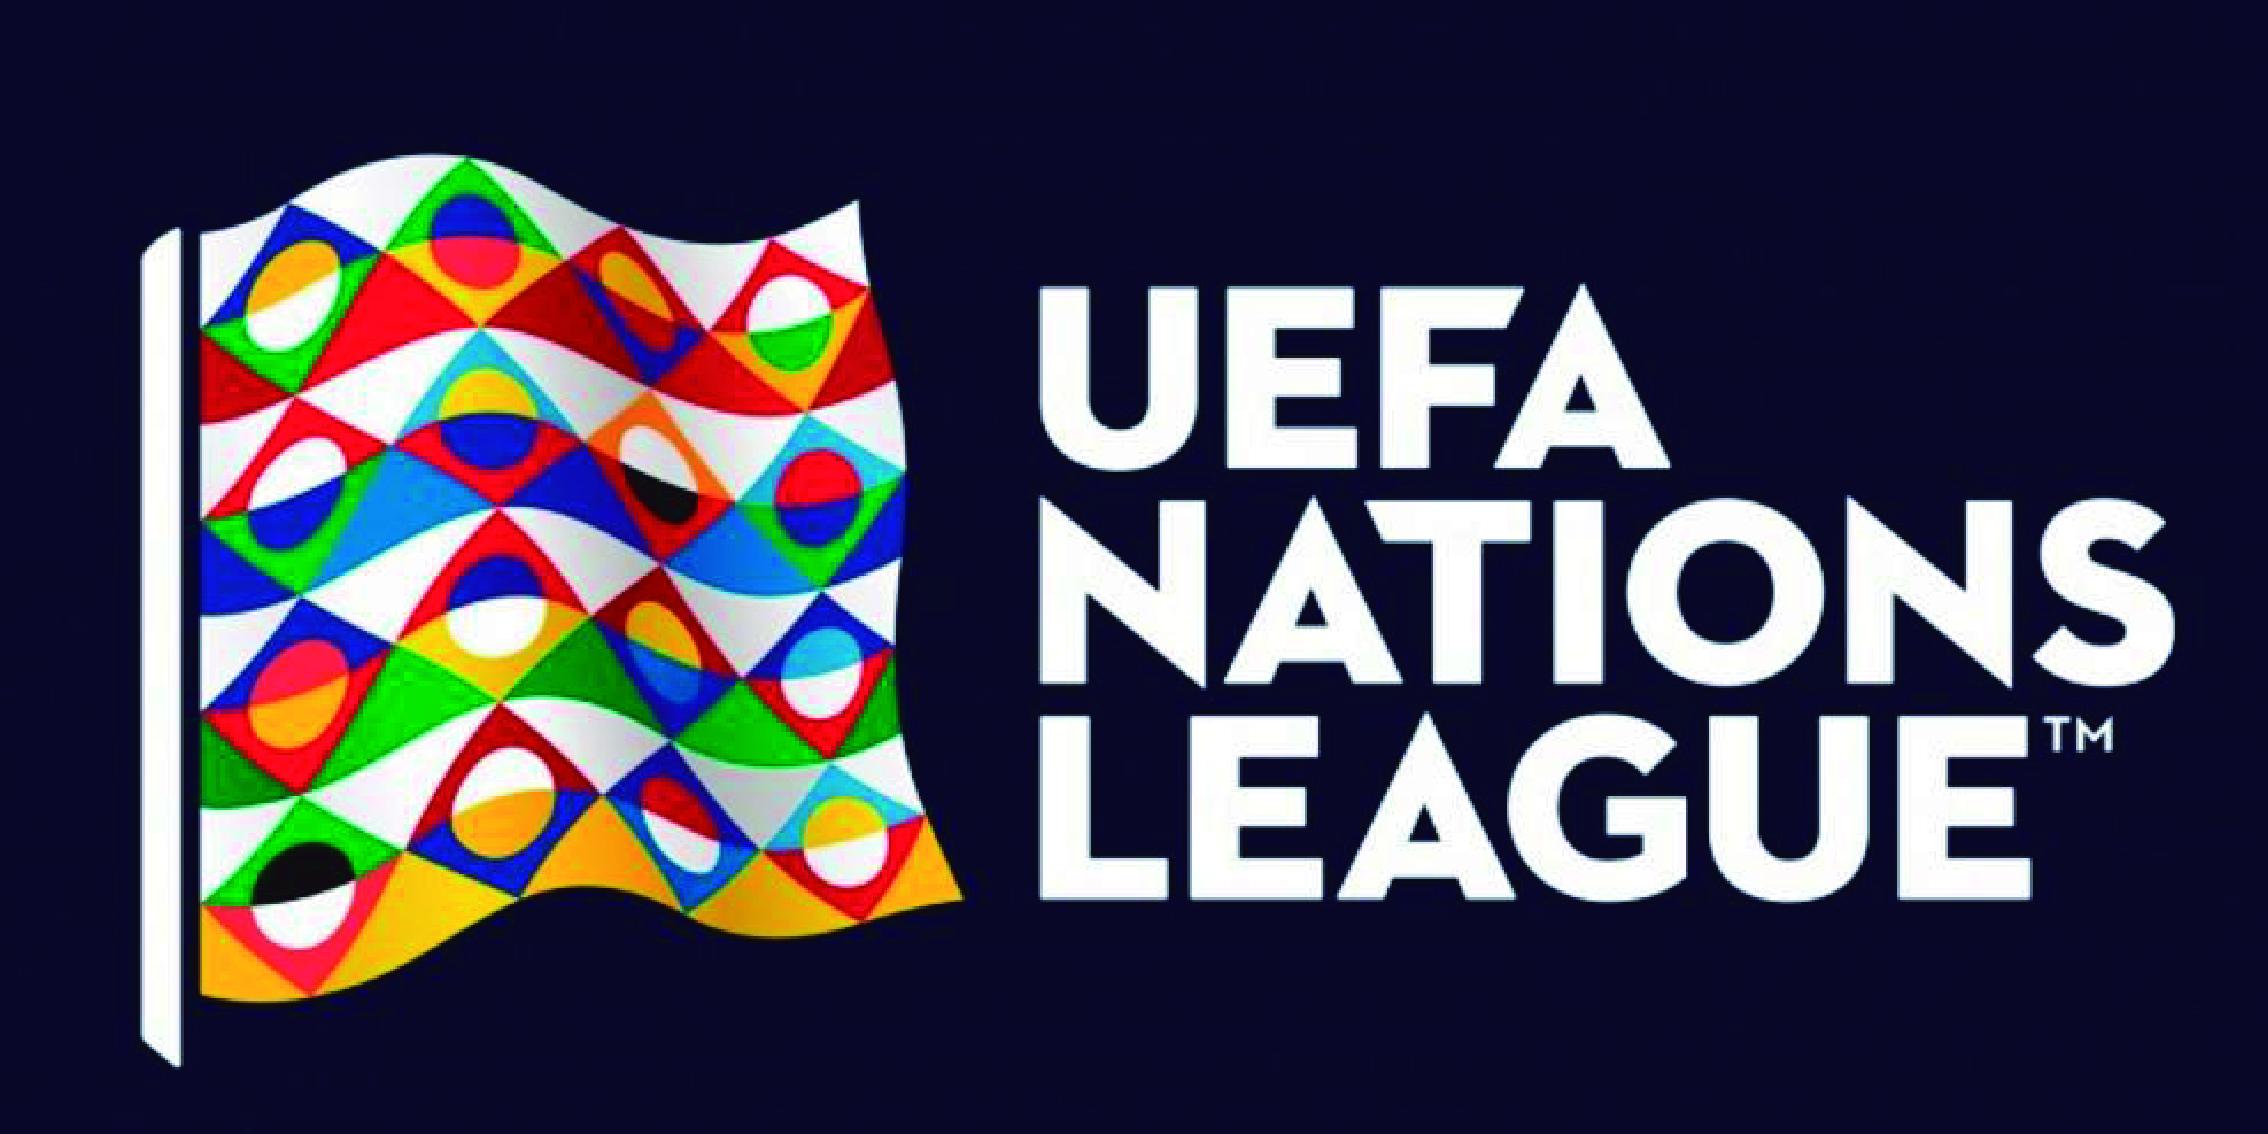 La Liga de Naciones.